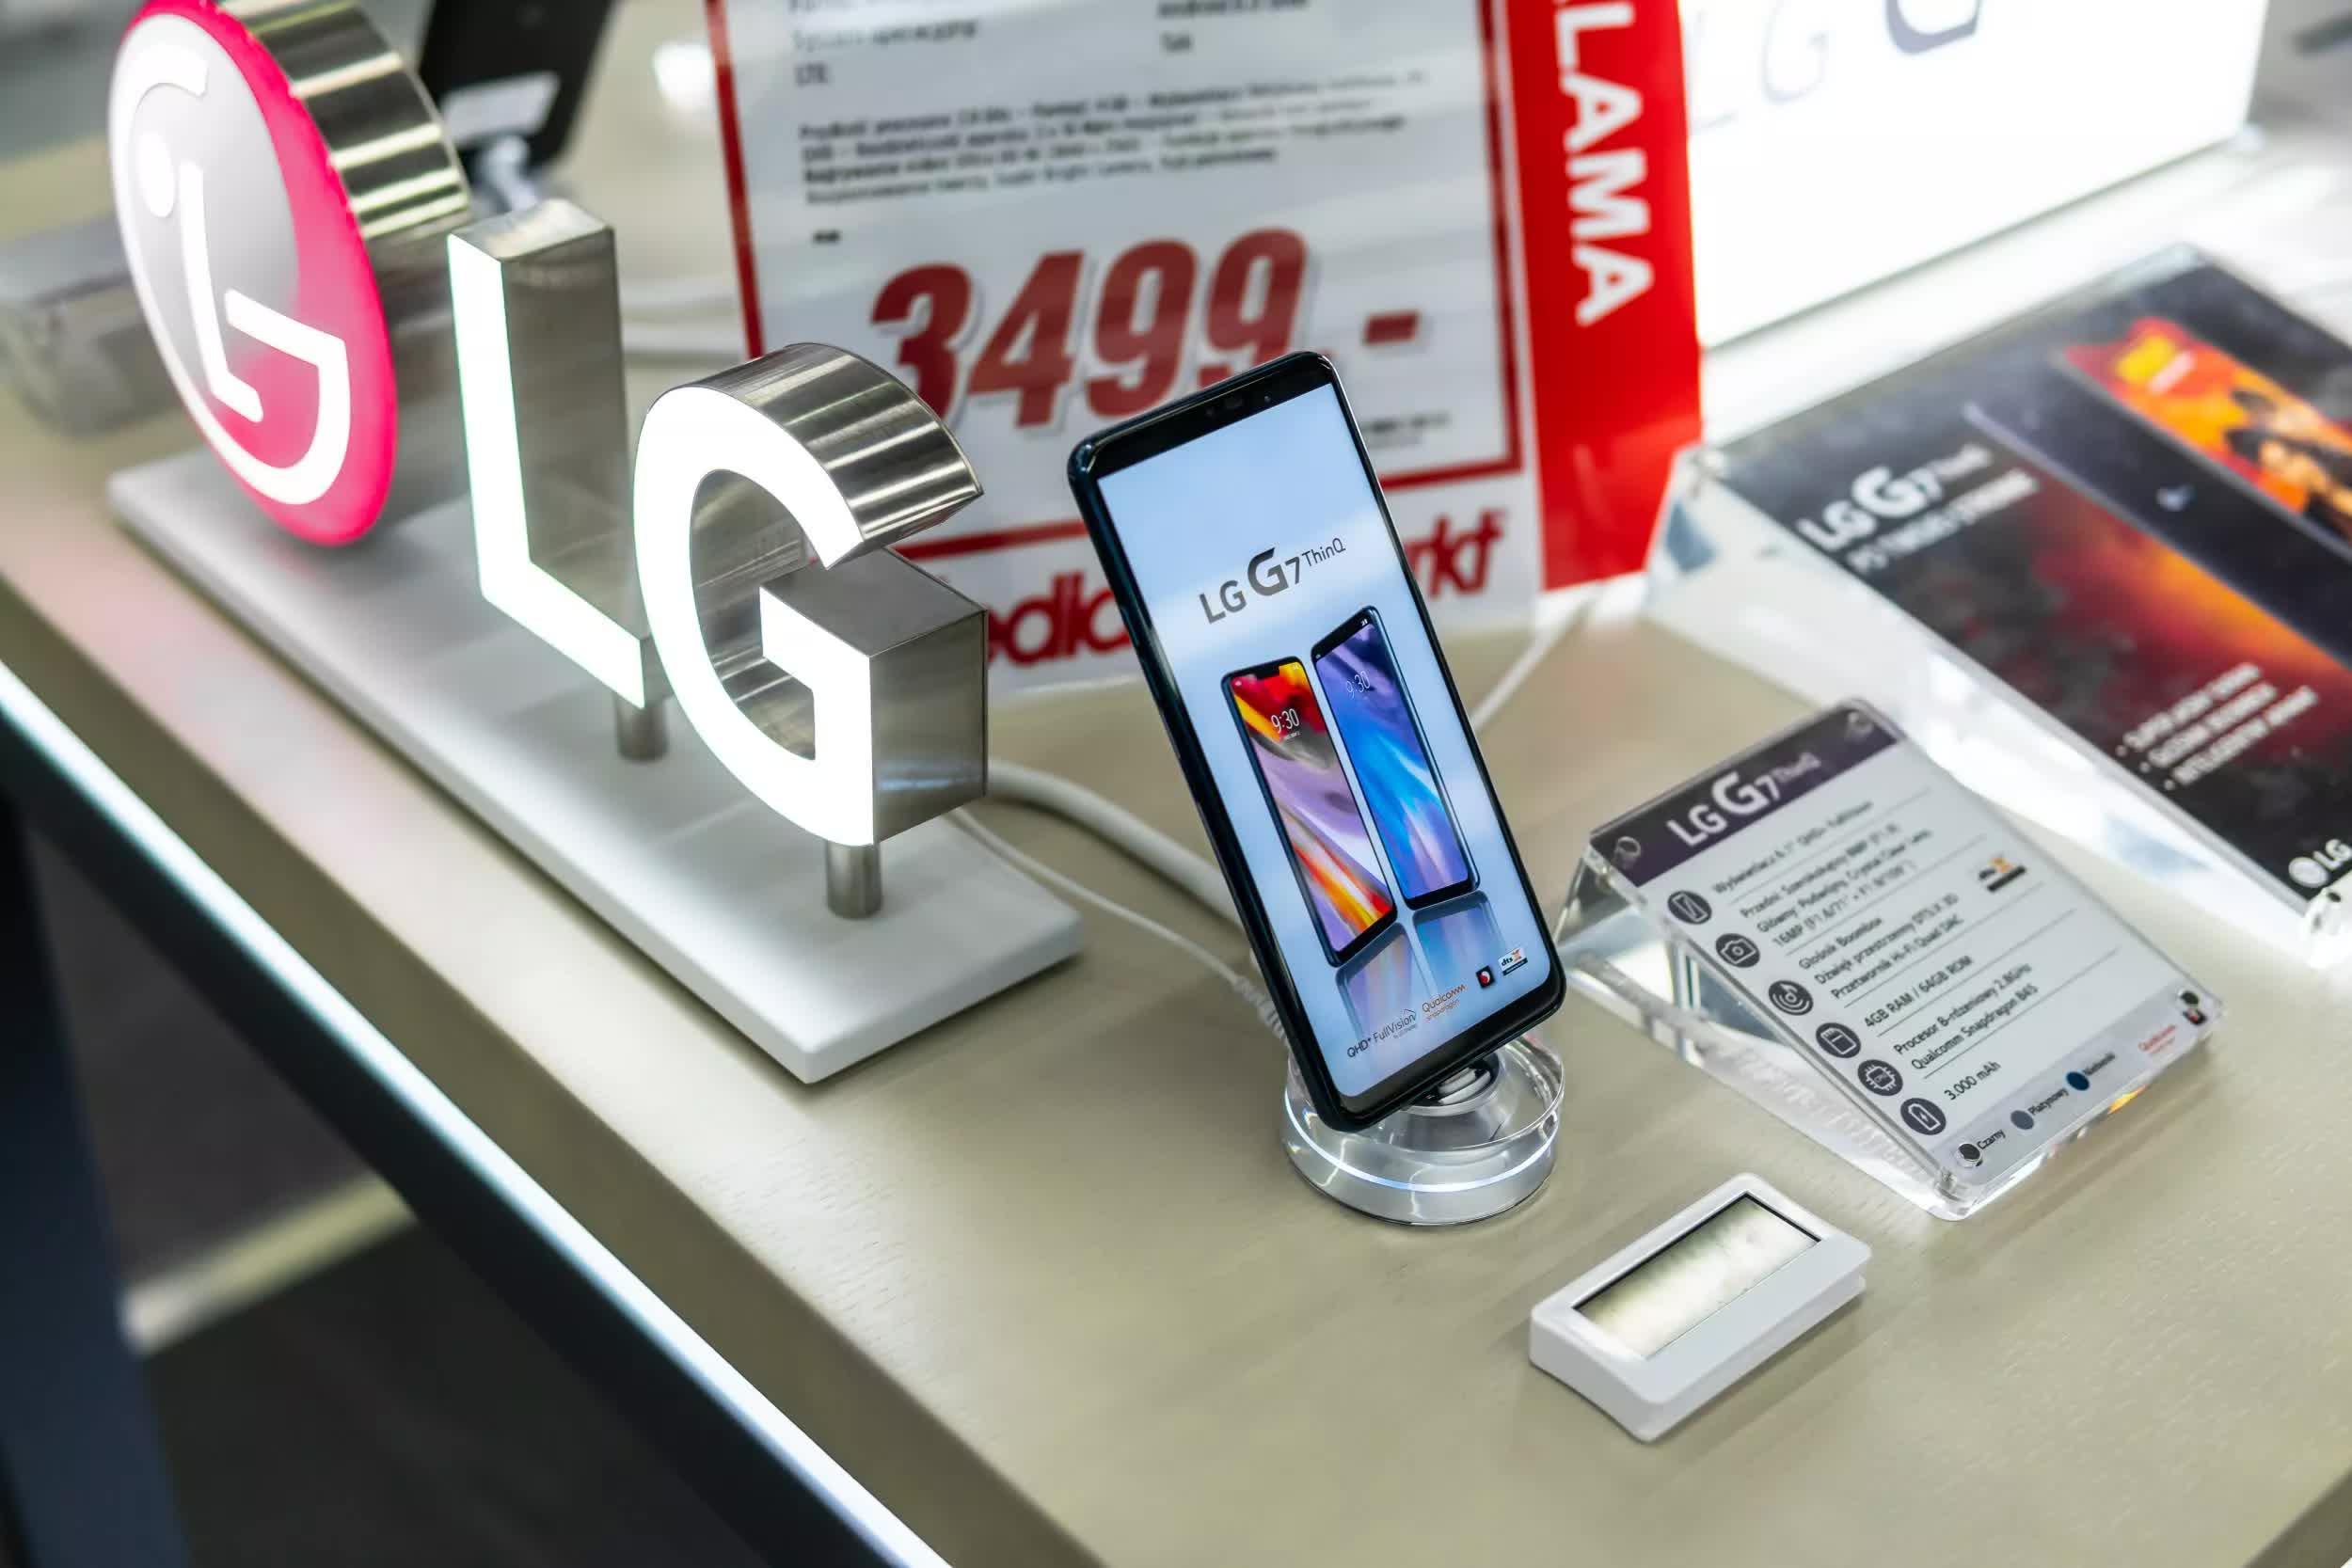 LG rút khỏi thị trường điện thoại thông minh, ai hưởng lợi? - Ảnh 1.